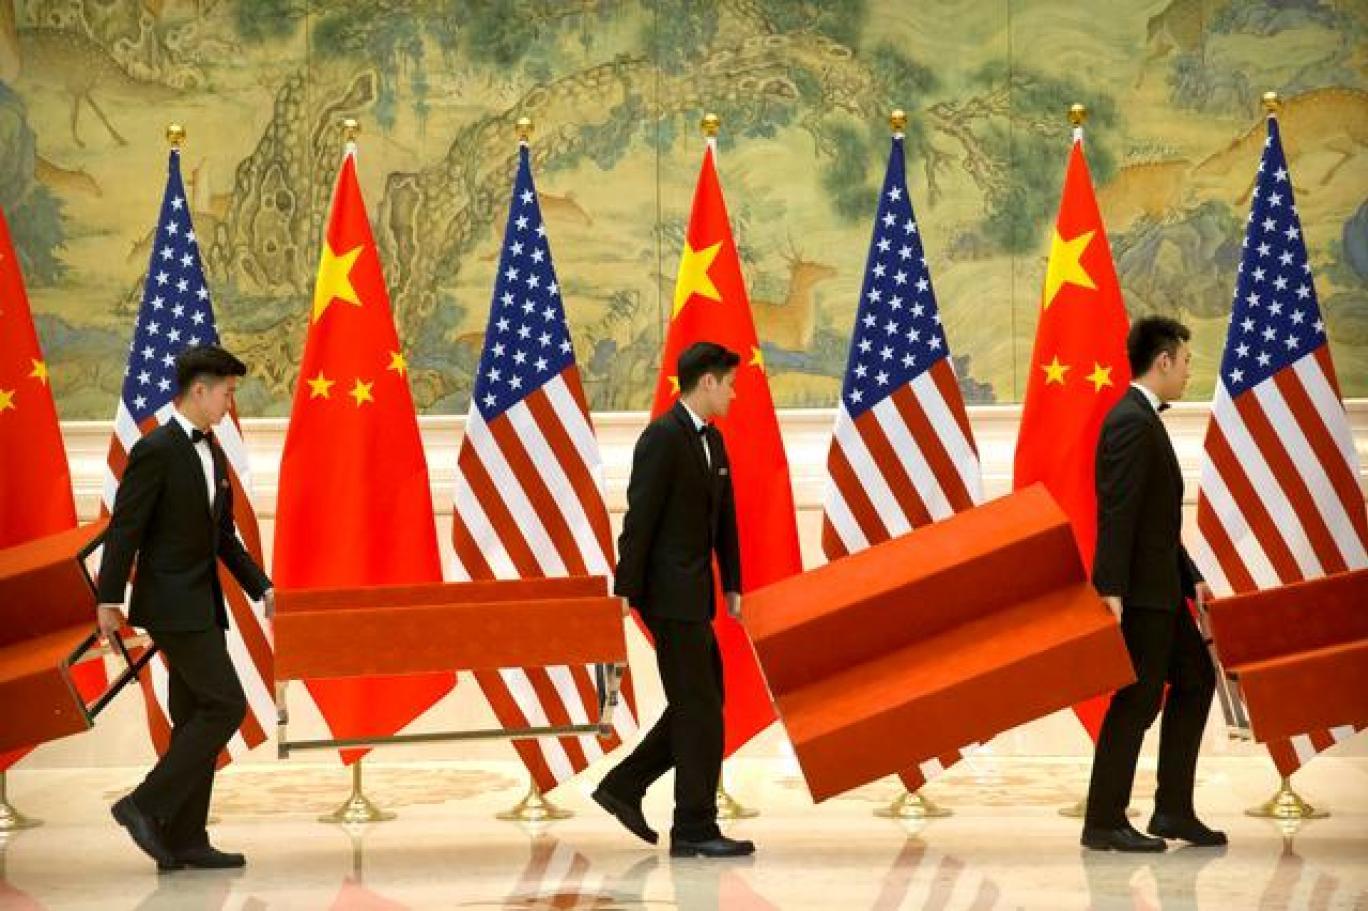 Çin'den ABD kararı! Pompeo dahil birçok kişiye yaptırım…